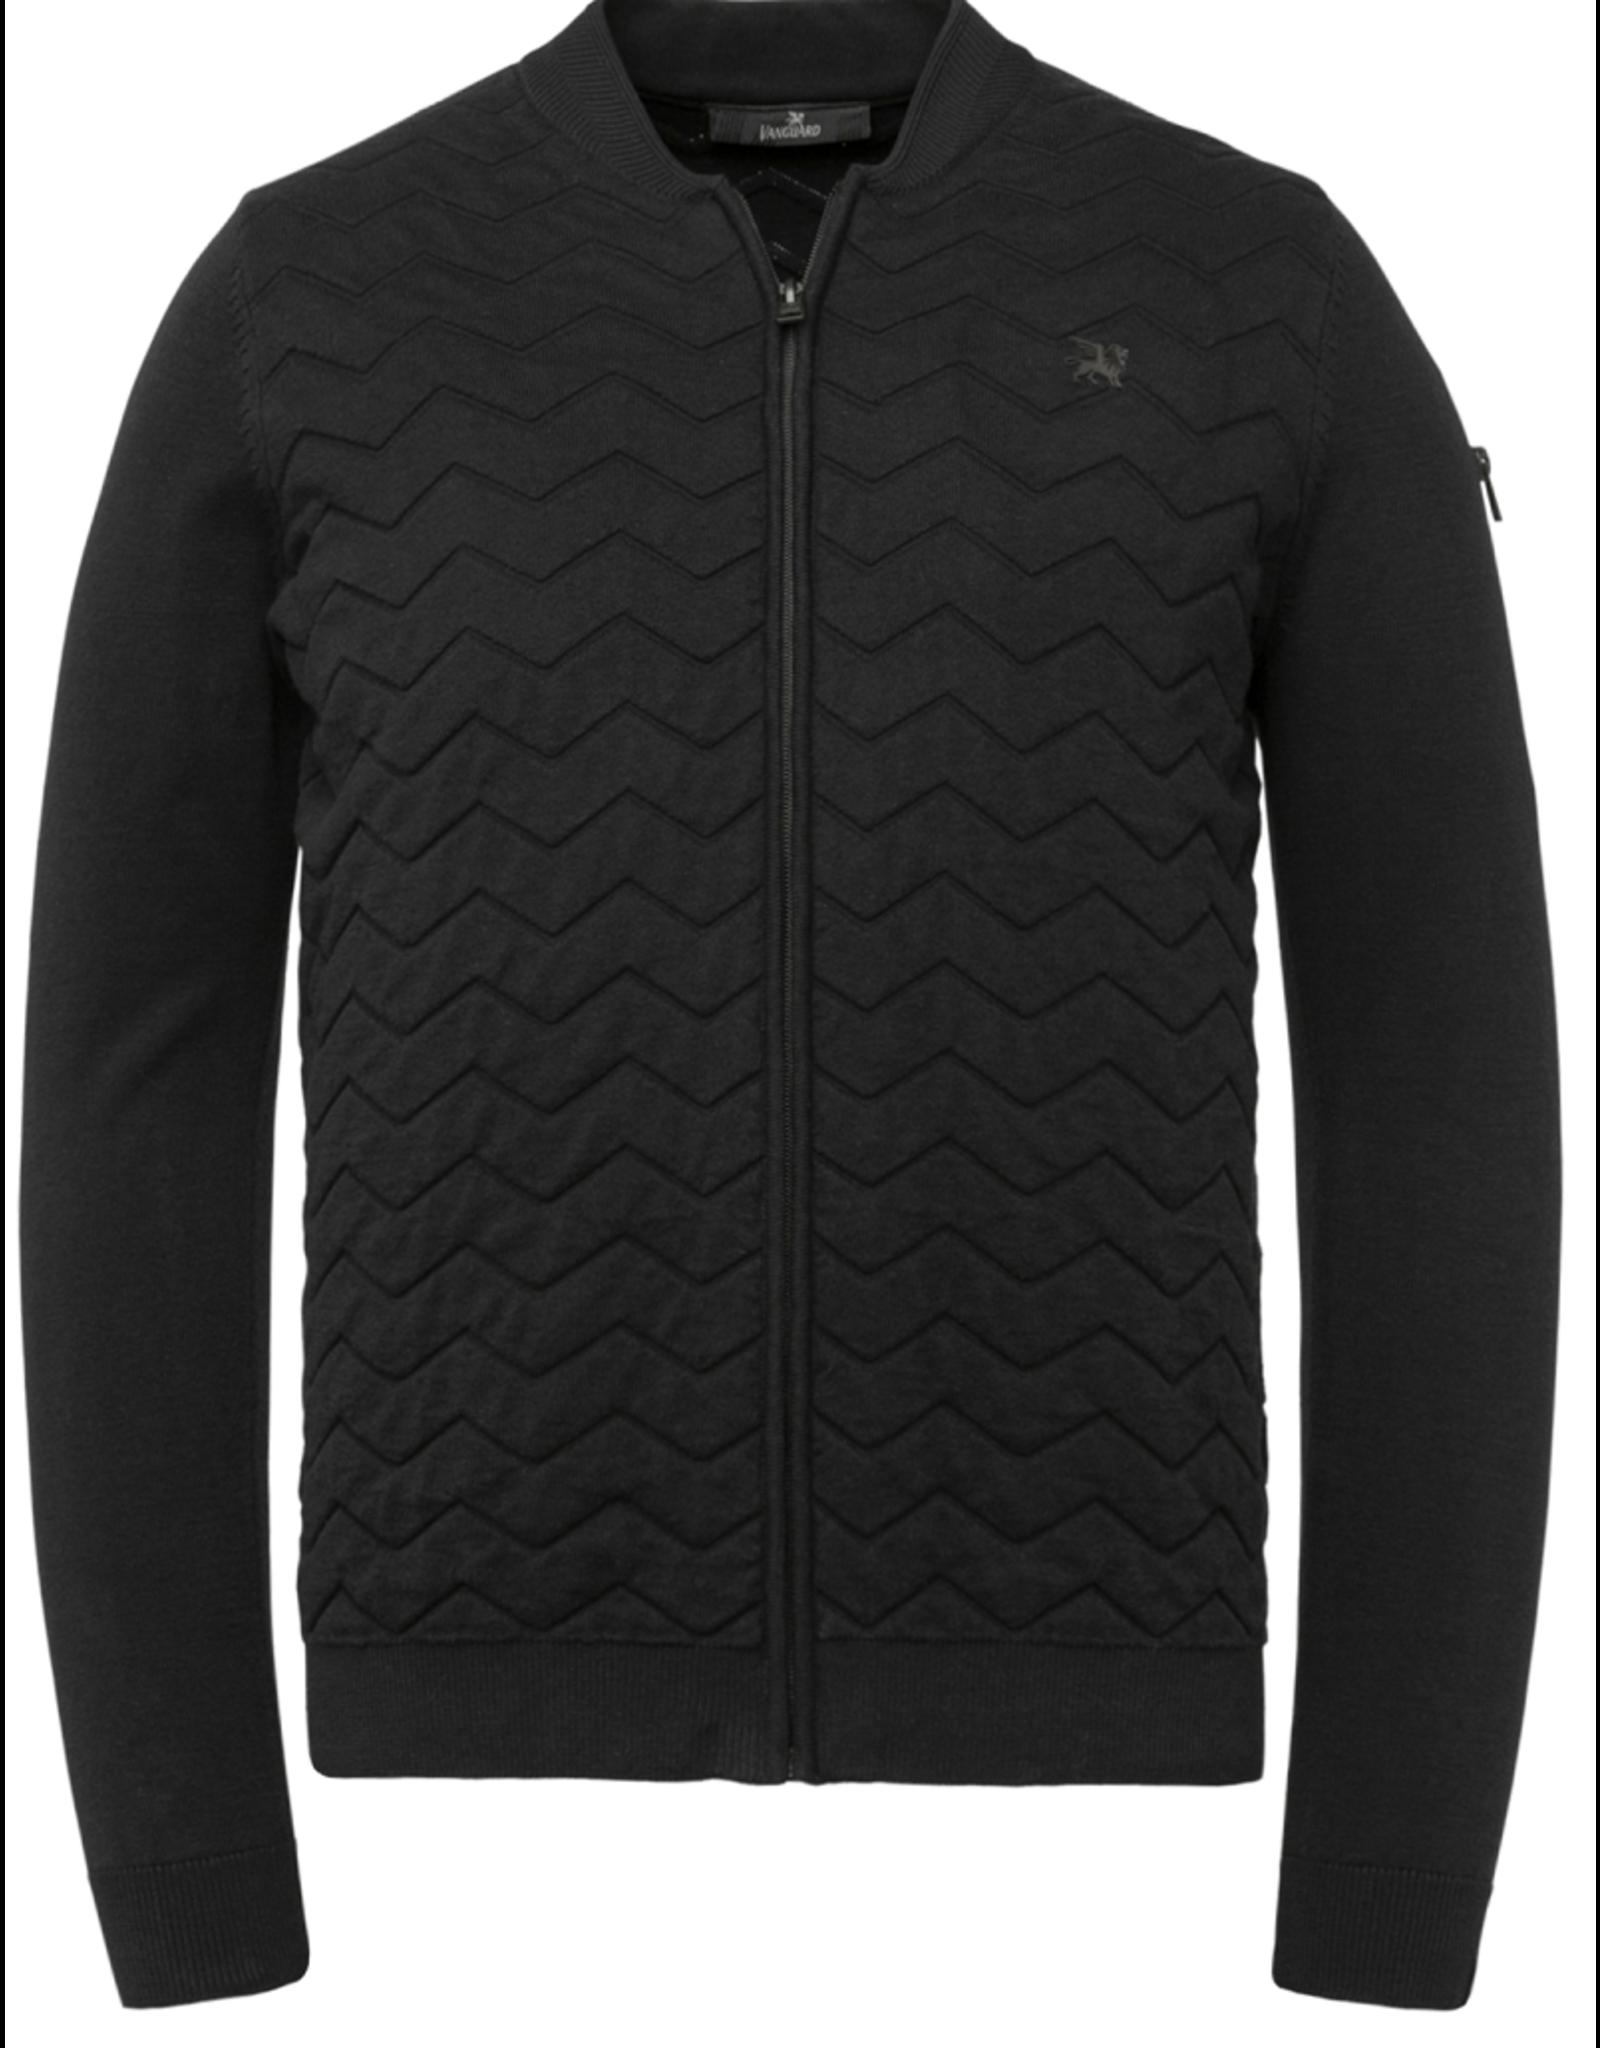 Vanguard Vanguard comber vest 999 zwart